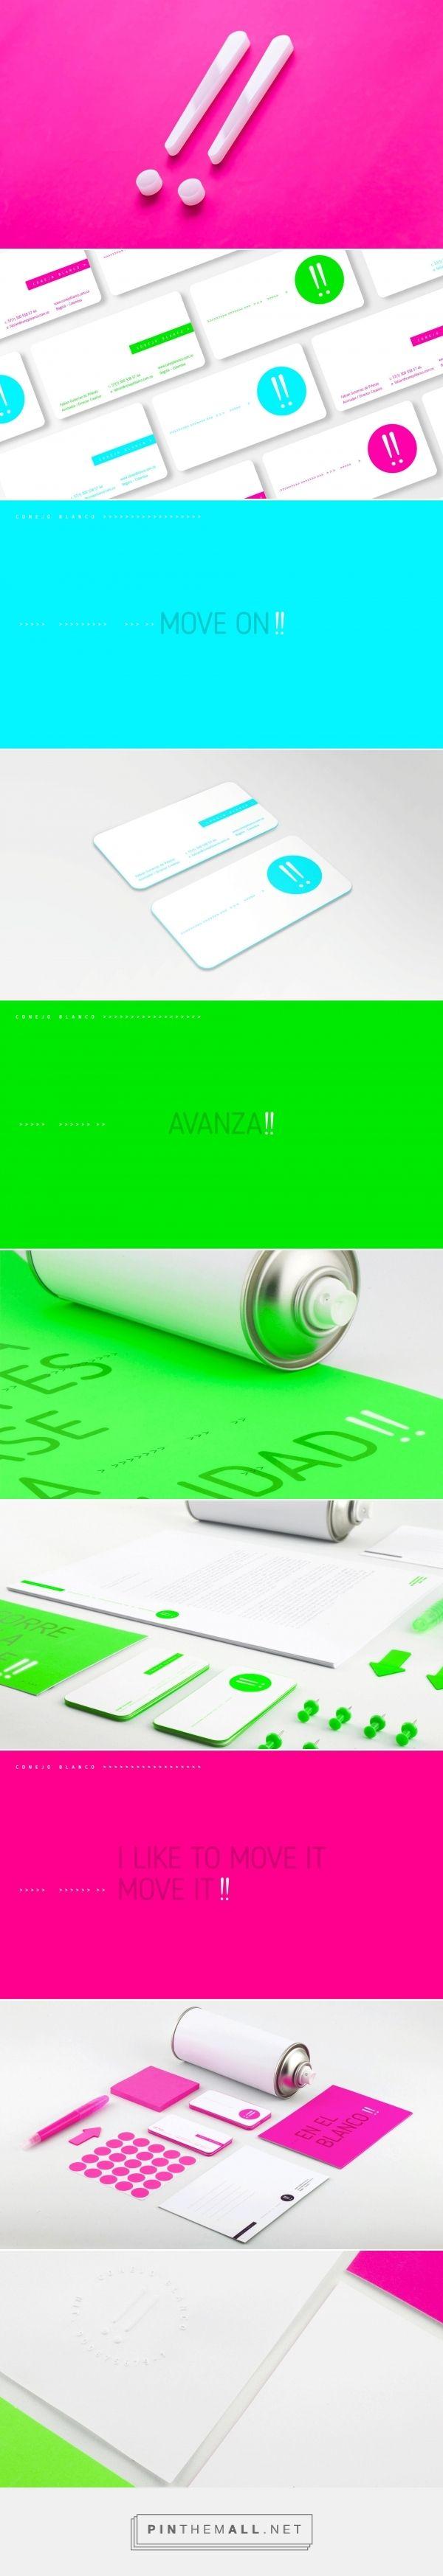 Rebranding / logo / design / conejo blanco / branding